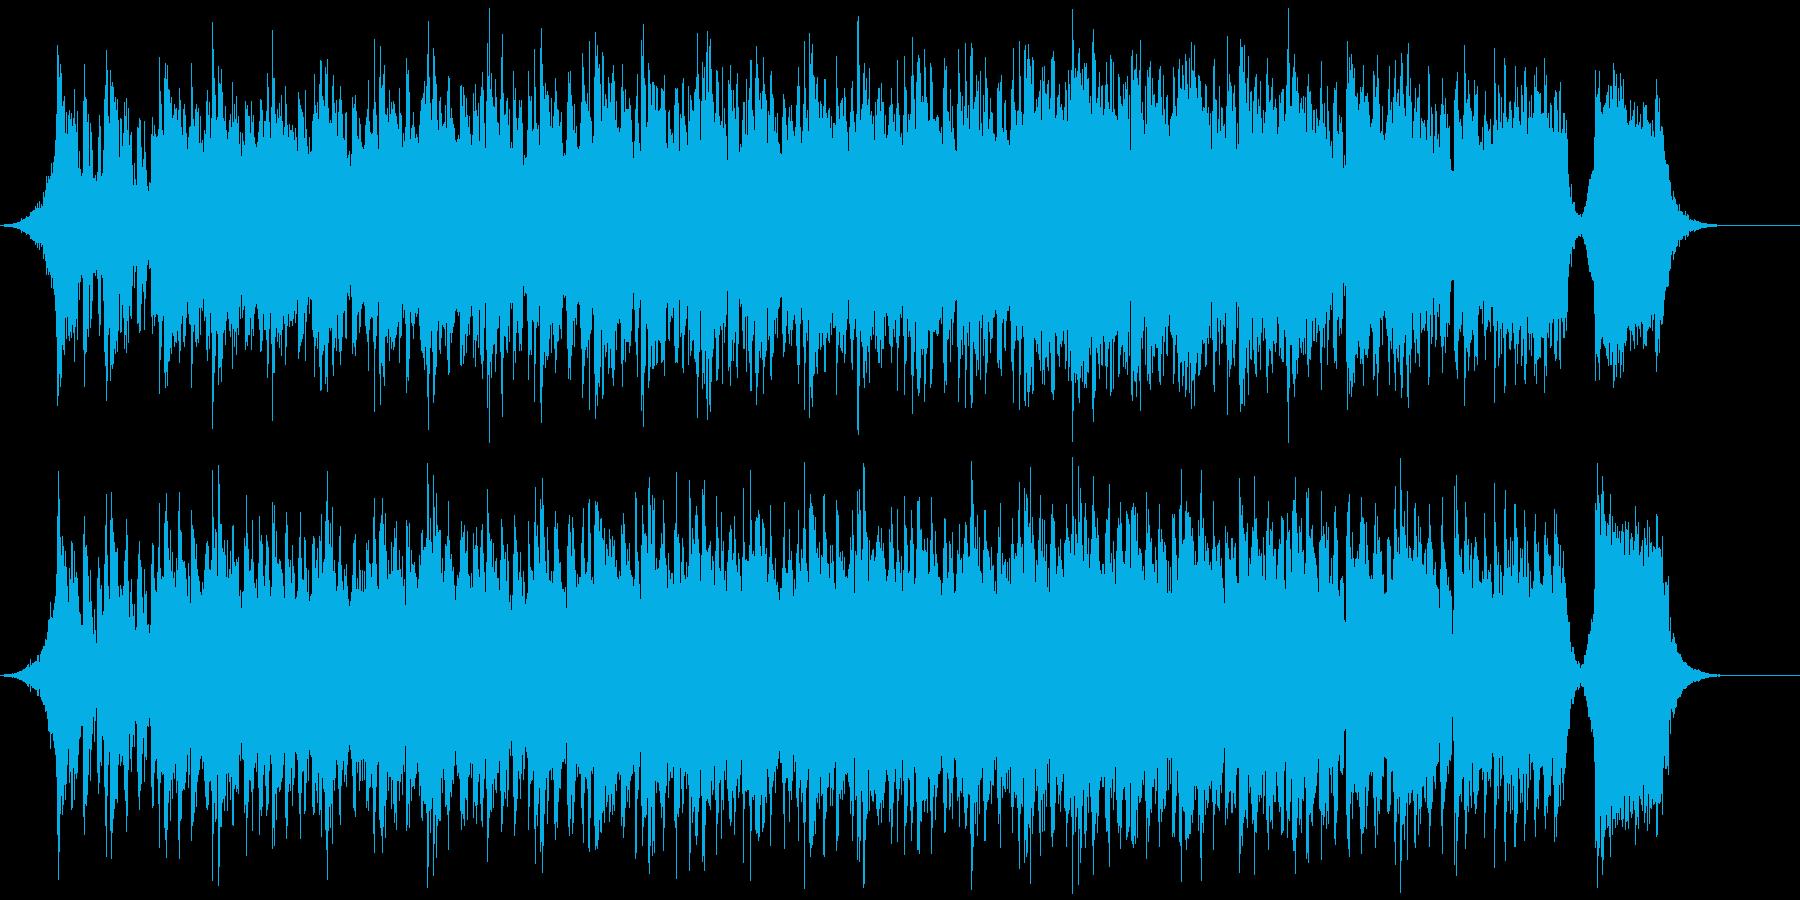 堂々としたダイナミックなオーケストラの再生済みの波形